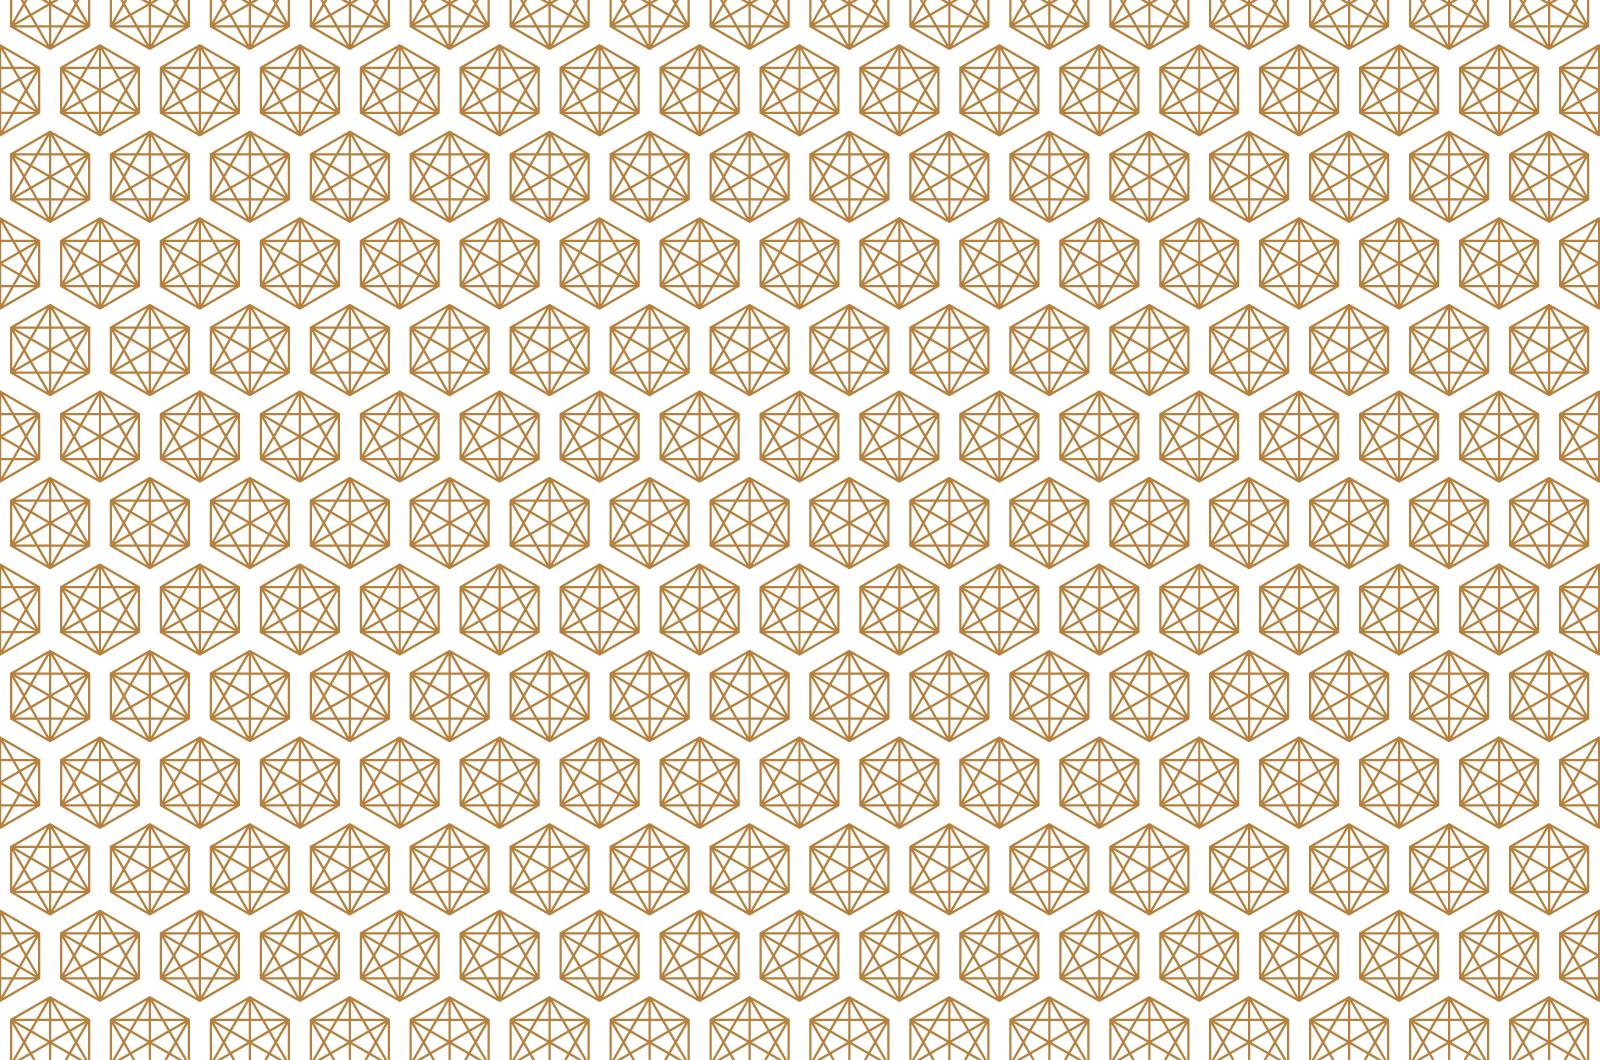 OPA Branding - Pattern 02